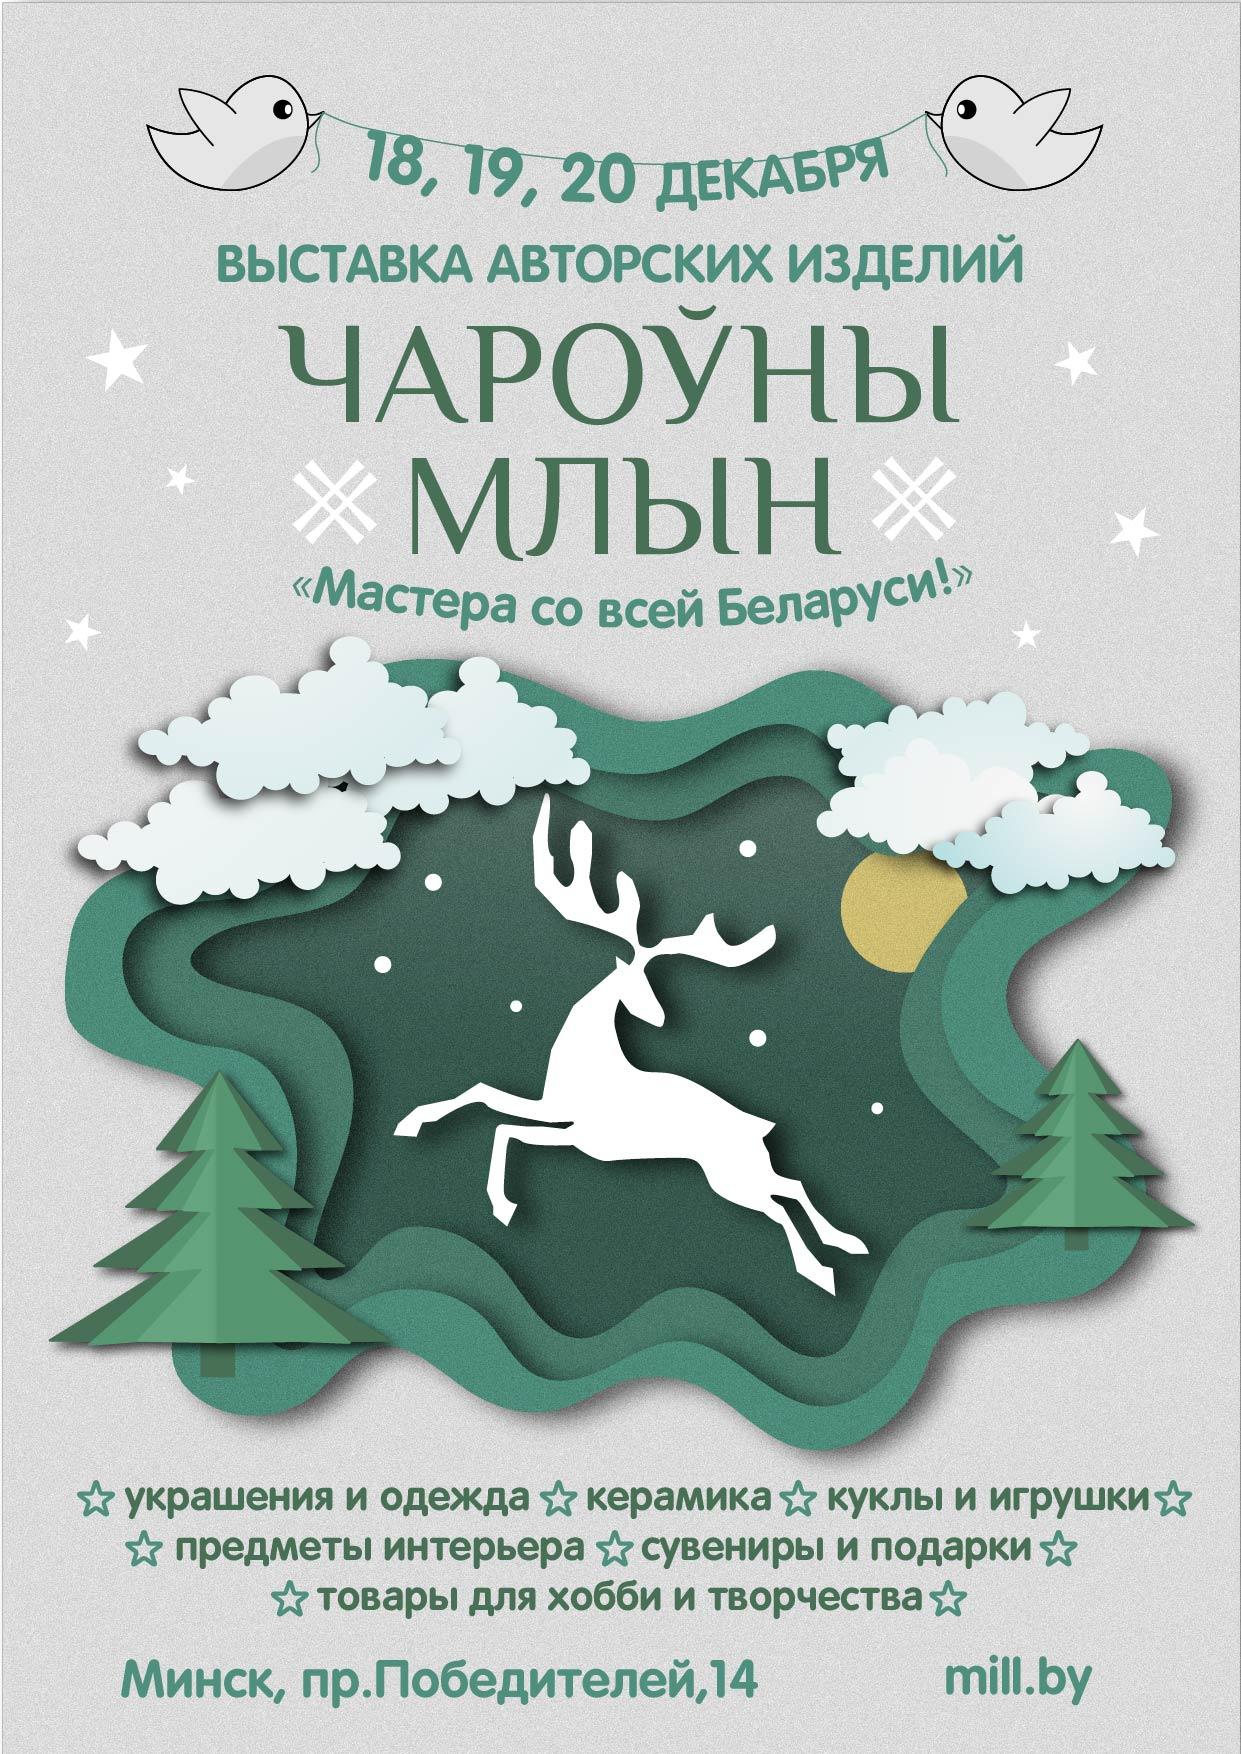 Дизайн новогодней афиши для выставки изделий ручной работы фото f_2875f8f4495b7614.jpg